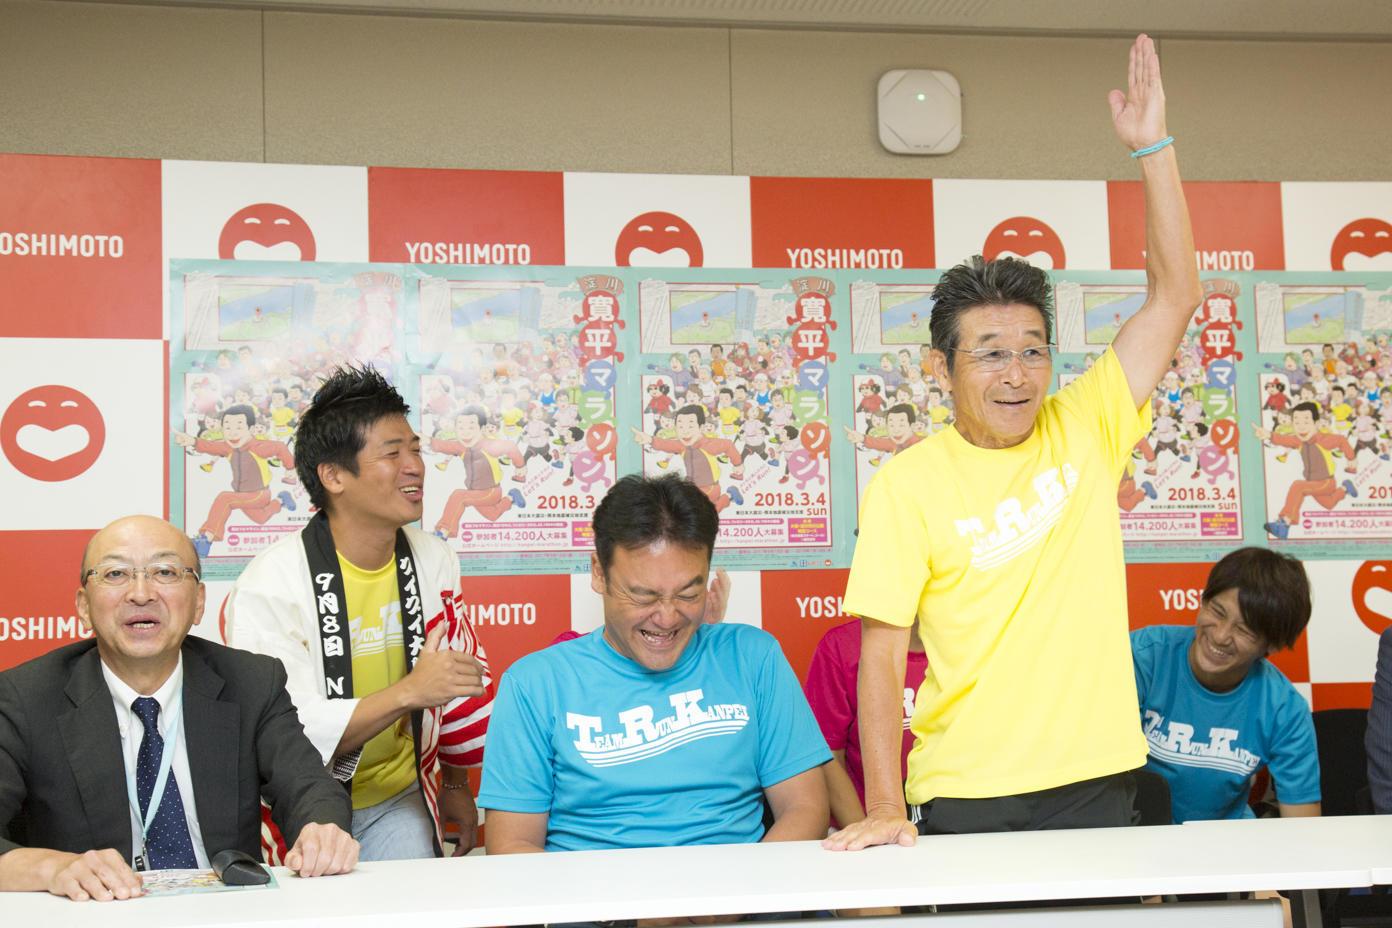 http://news.yoshimoto.co.jp/20170830175801-32e985a2308cd0e280ee3e503ca60ea8774a2942.jpg